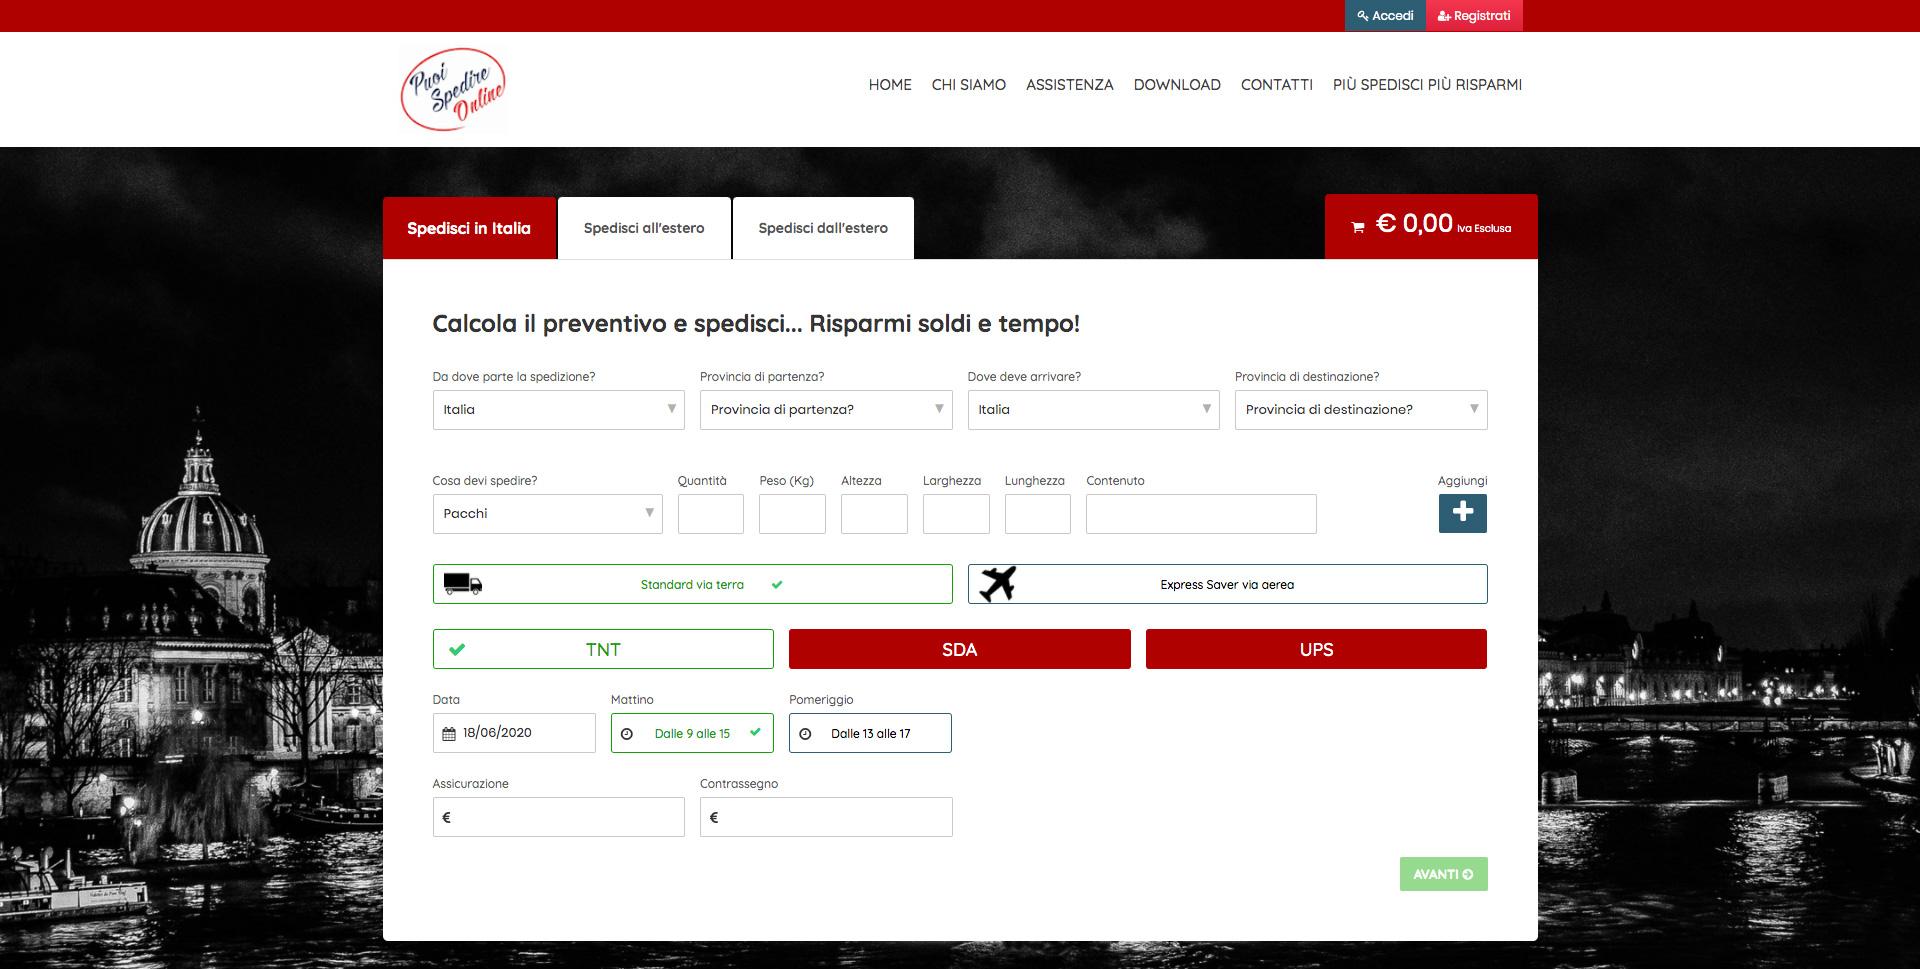 Siti Web Torino per Portale di Spedizioni Online - Puoi Spedire Online